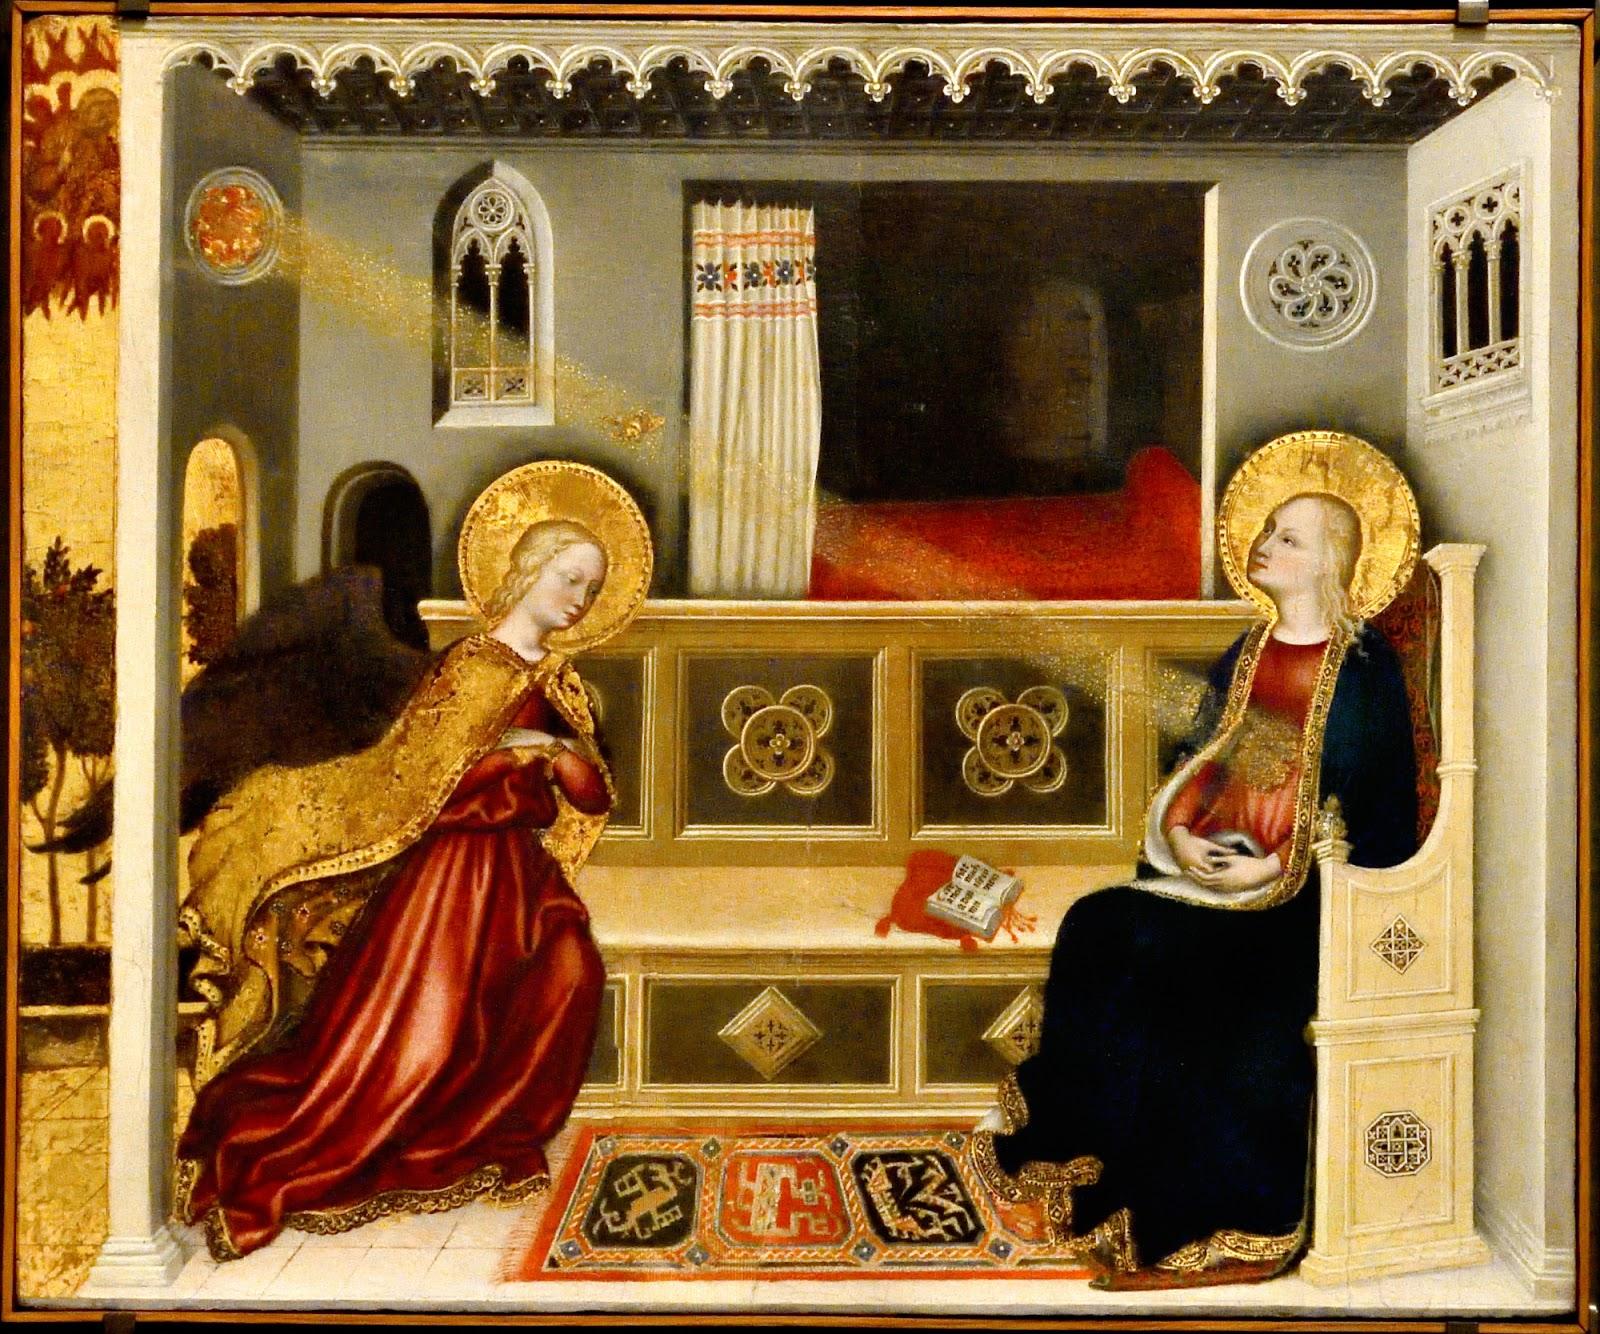 Annonciation 1423-25 Gentile di Niccolo di Giovanni di Massio detto Gentile da Fabriano Pinacoteca dei Musei Vaticani PhotoMassimo Gaudio